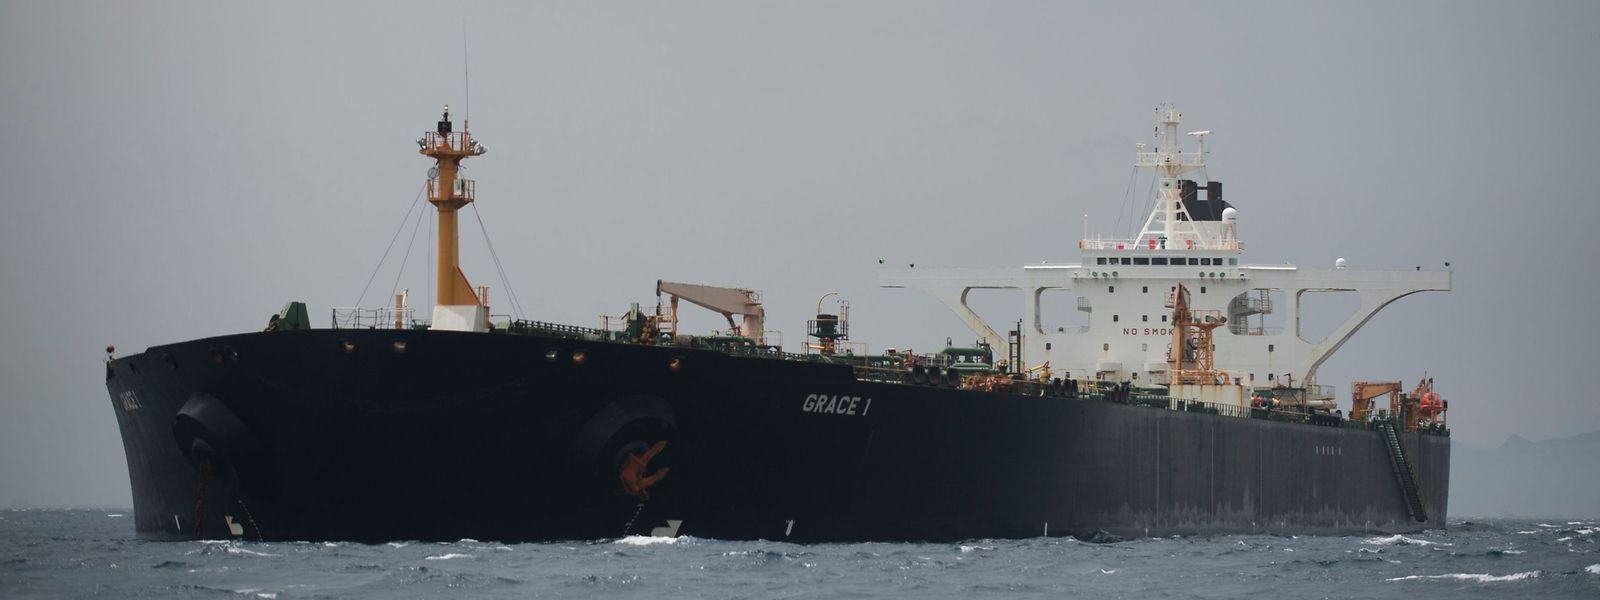 """Die Behörden in Gibraltar und die britische Royal Navy hatten den unter der Flagge Panamas fahrenden Supertanker """"Grace 1"""" vor Gibraltar wegen des Verdachts auf illegale Öllieferungen nach Syrien festgesetzt."""